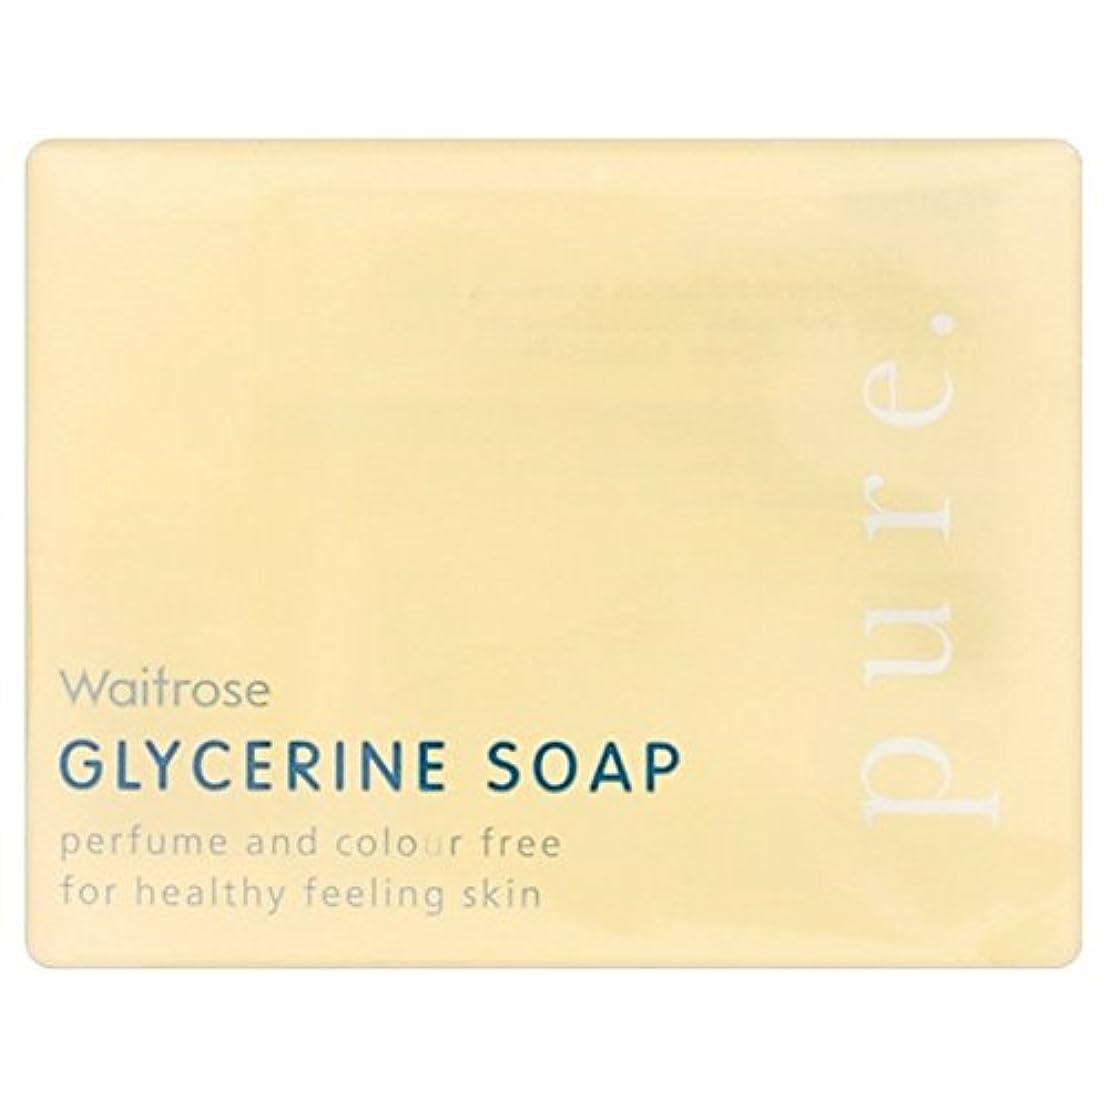 ソーシャルスチュワード実証するPure Glycerine Soap Waitrose 100g - 純粋なグリセリンソープウェイトローズの100グラム [並行輸入品]